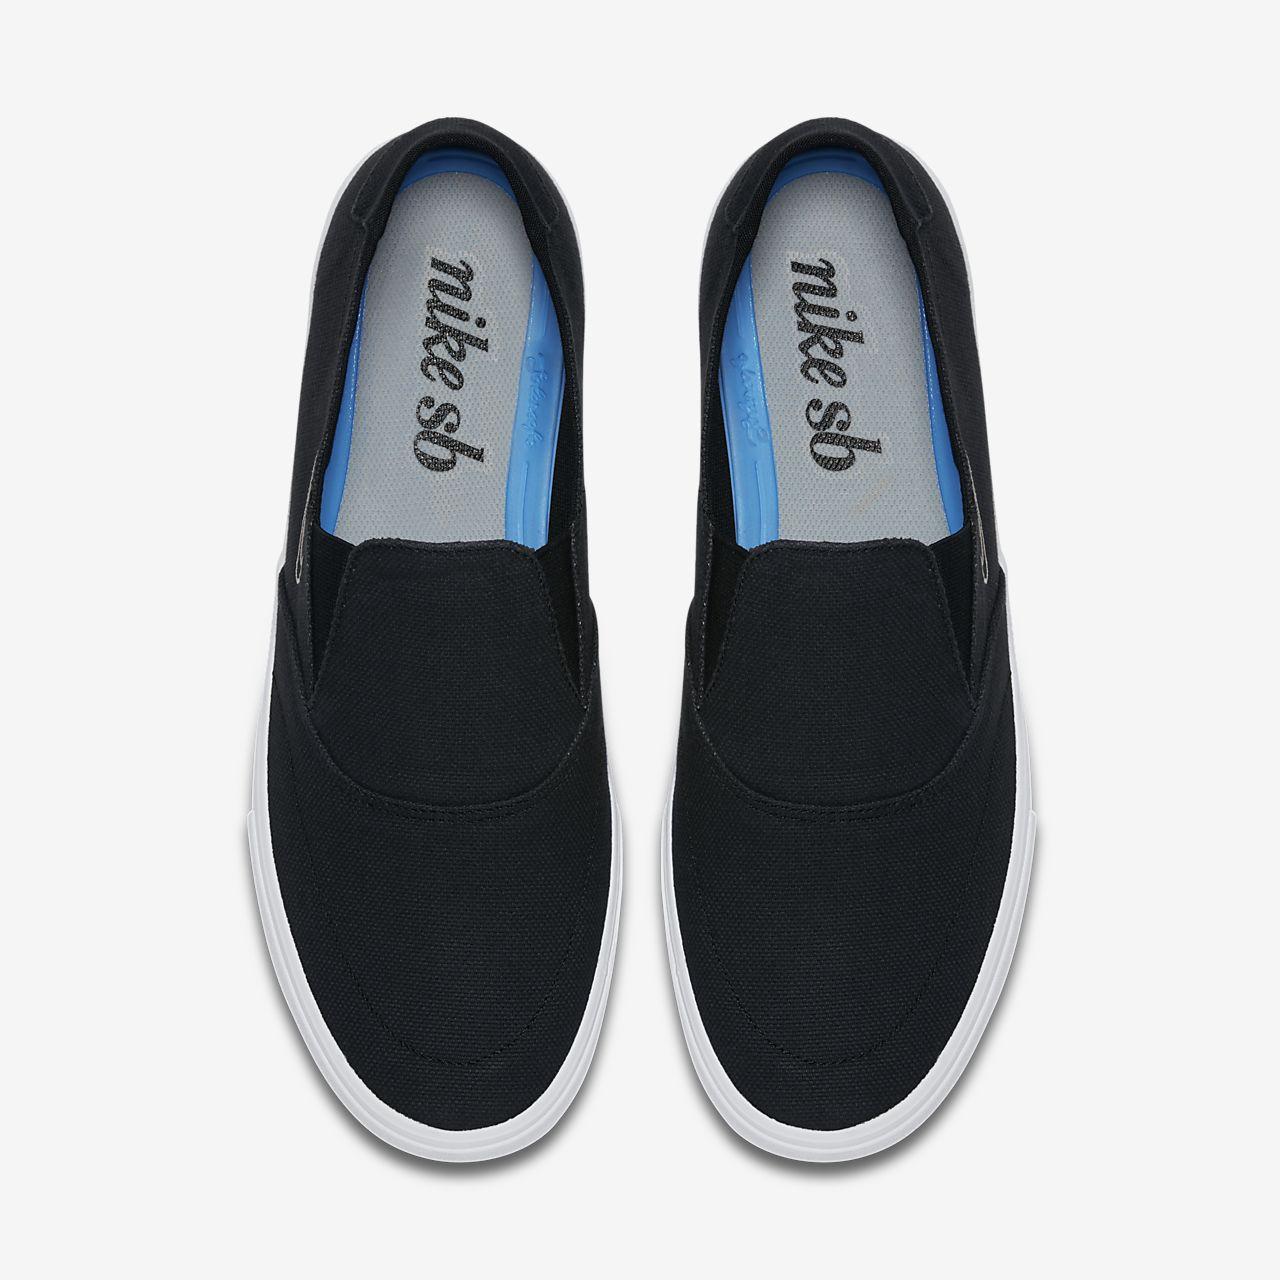 Nike Sb Portmore Slip On Shoes